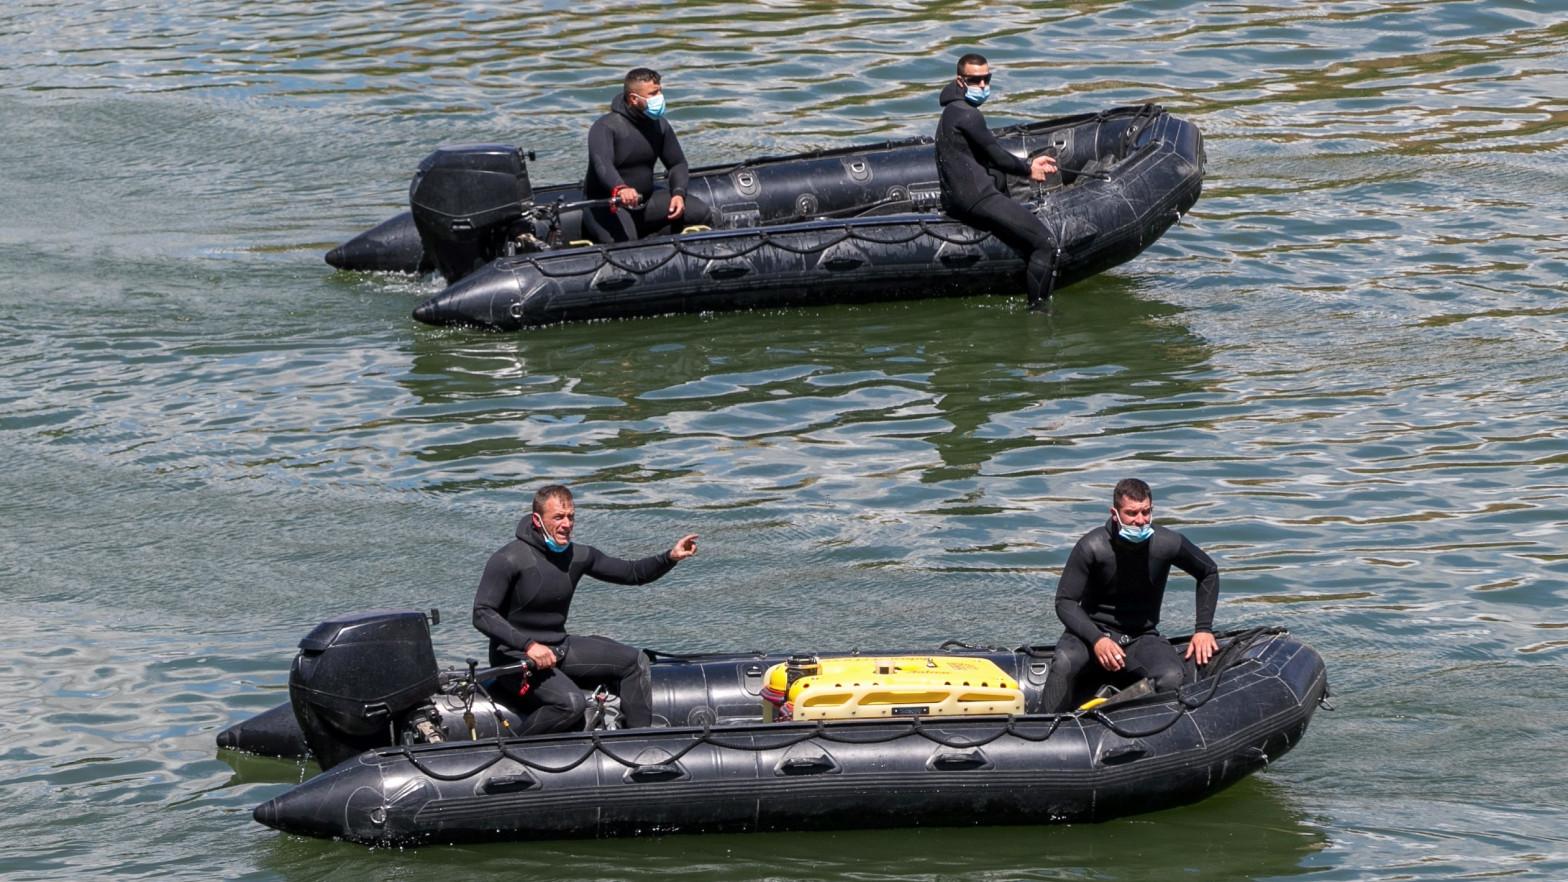 Encuentran el cuerpo sin vida de Karim, el niño de 13 años desparecido en el río Ebro